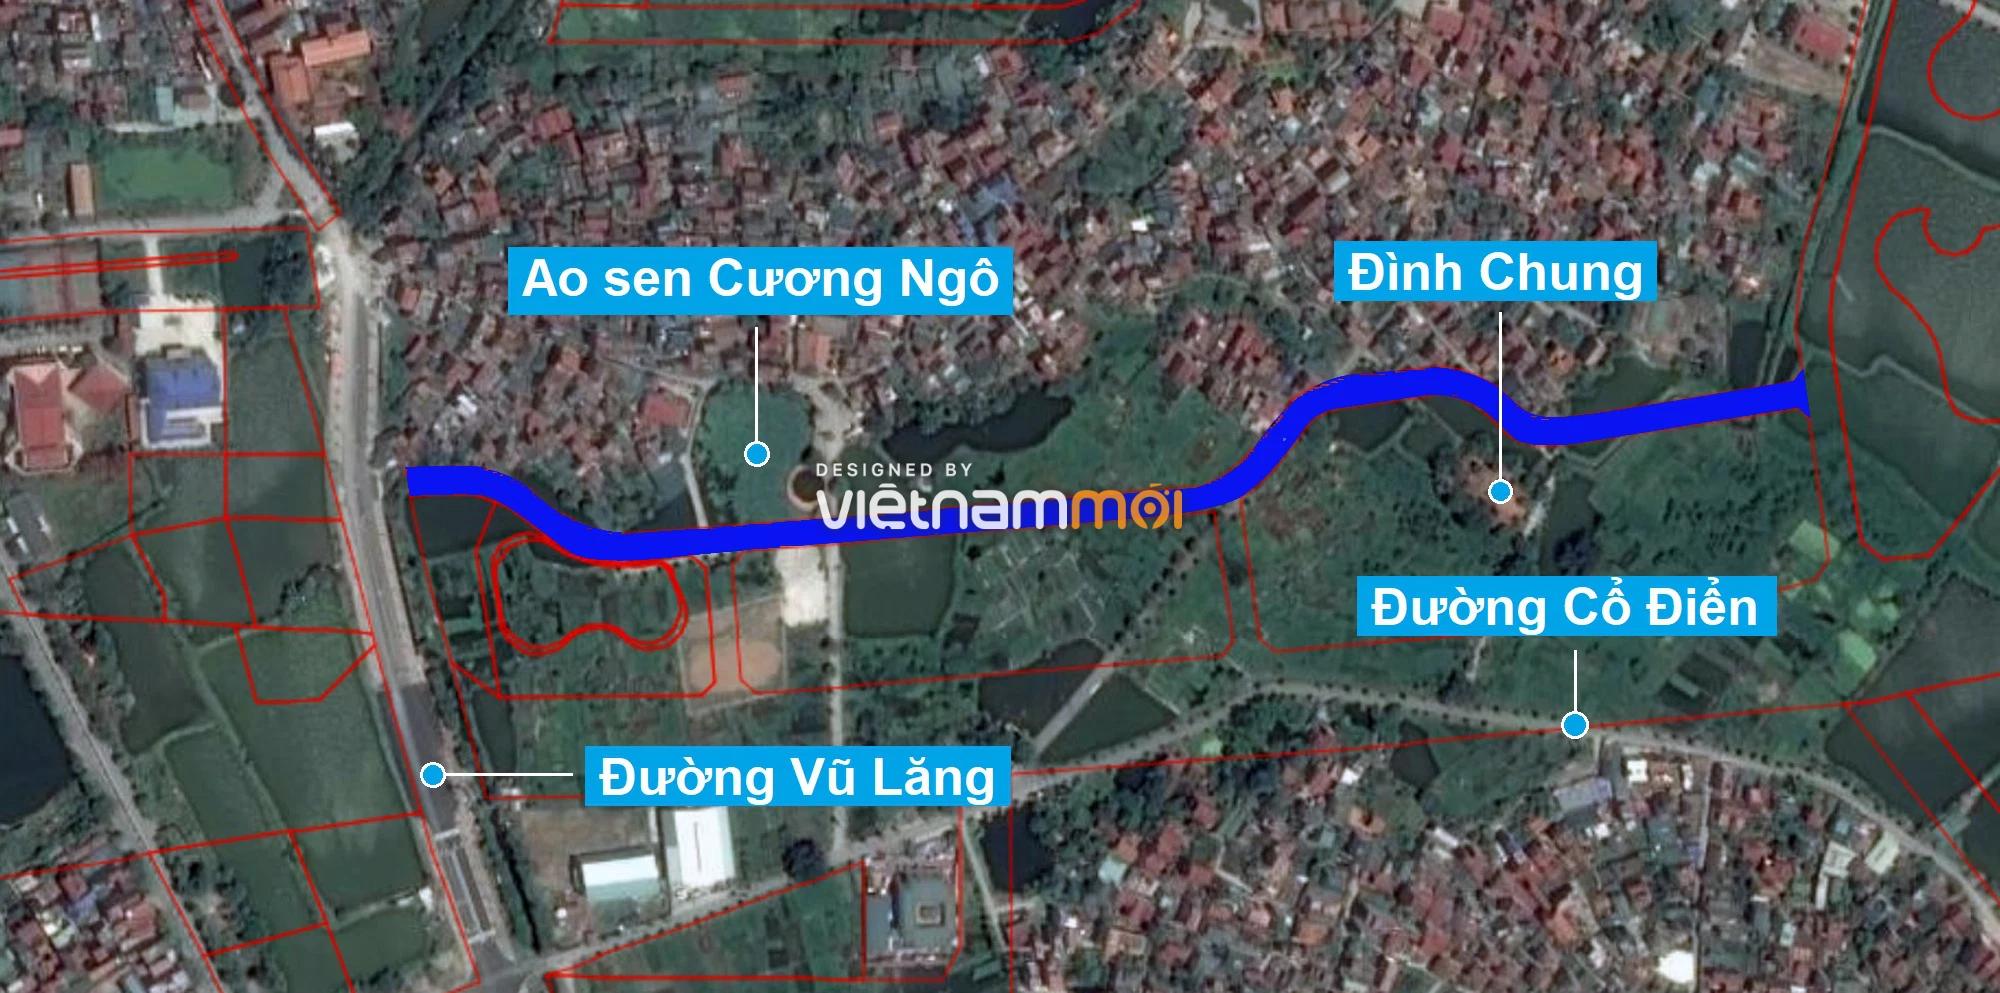 Những khu đất sắp thu hồi để mở đường ở xã Tứ Hiệp, Thanh Trì, Hà Nội (phần 4) - Ảnh 2.